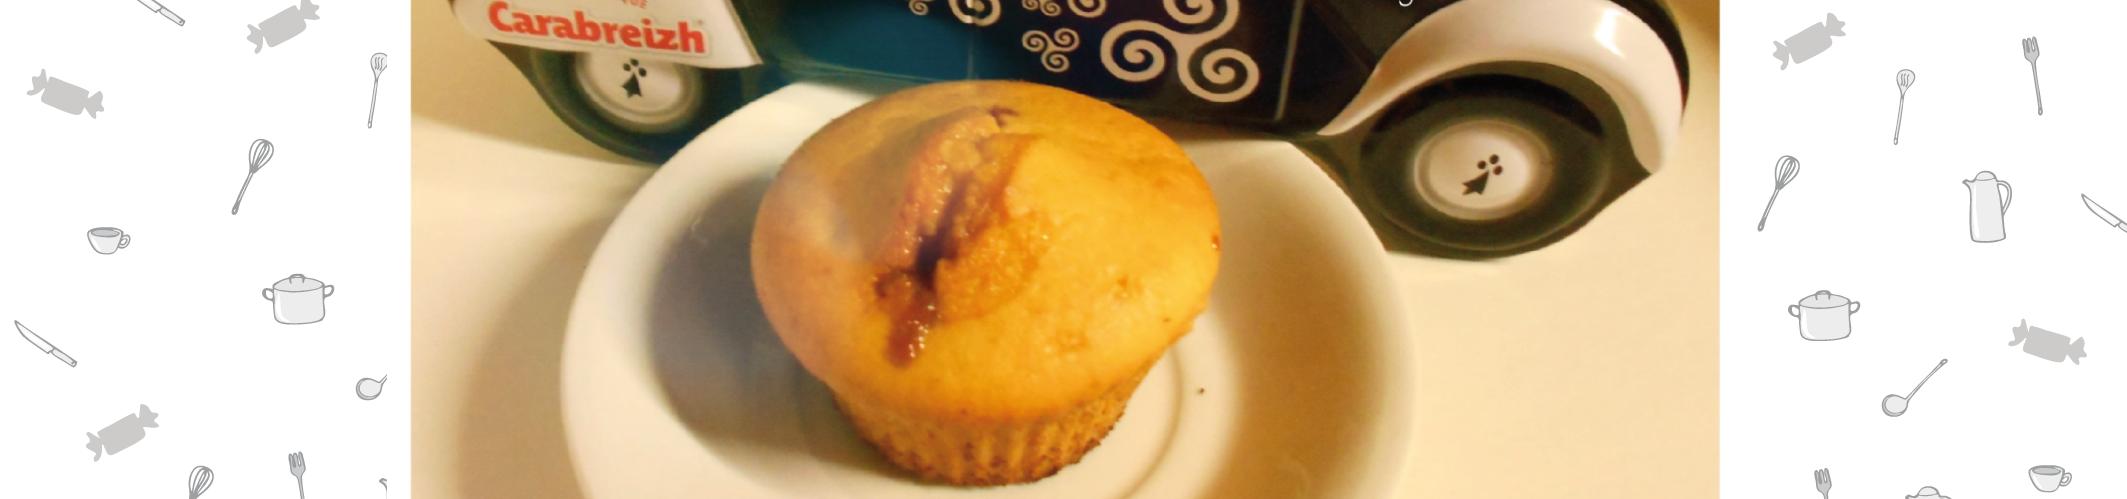 Muffins gourmands aux caramels au beurre salé